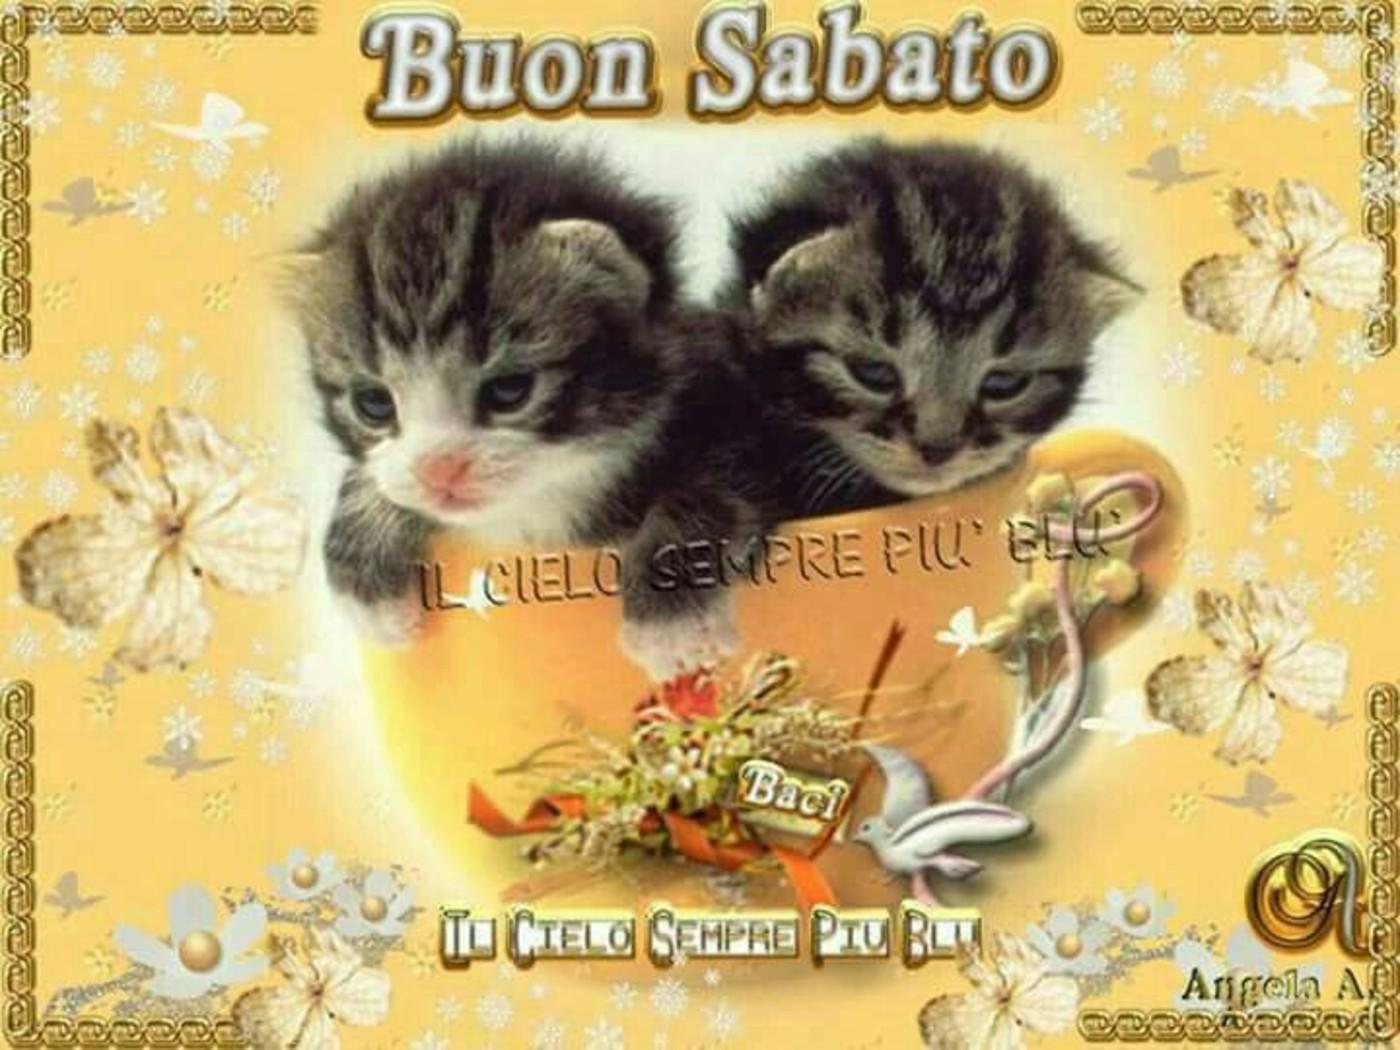 Buon sabato coi gattini belle foto buongiorno for Buongiorno con gattini